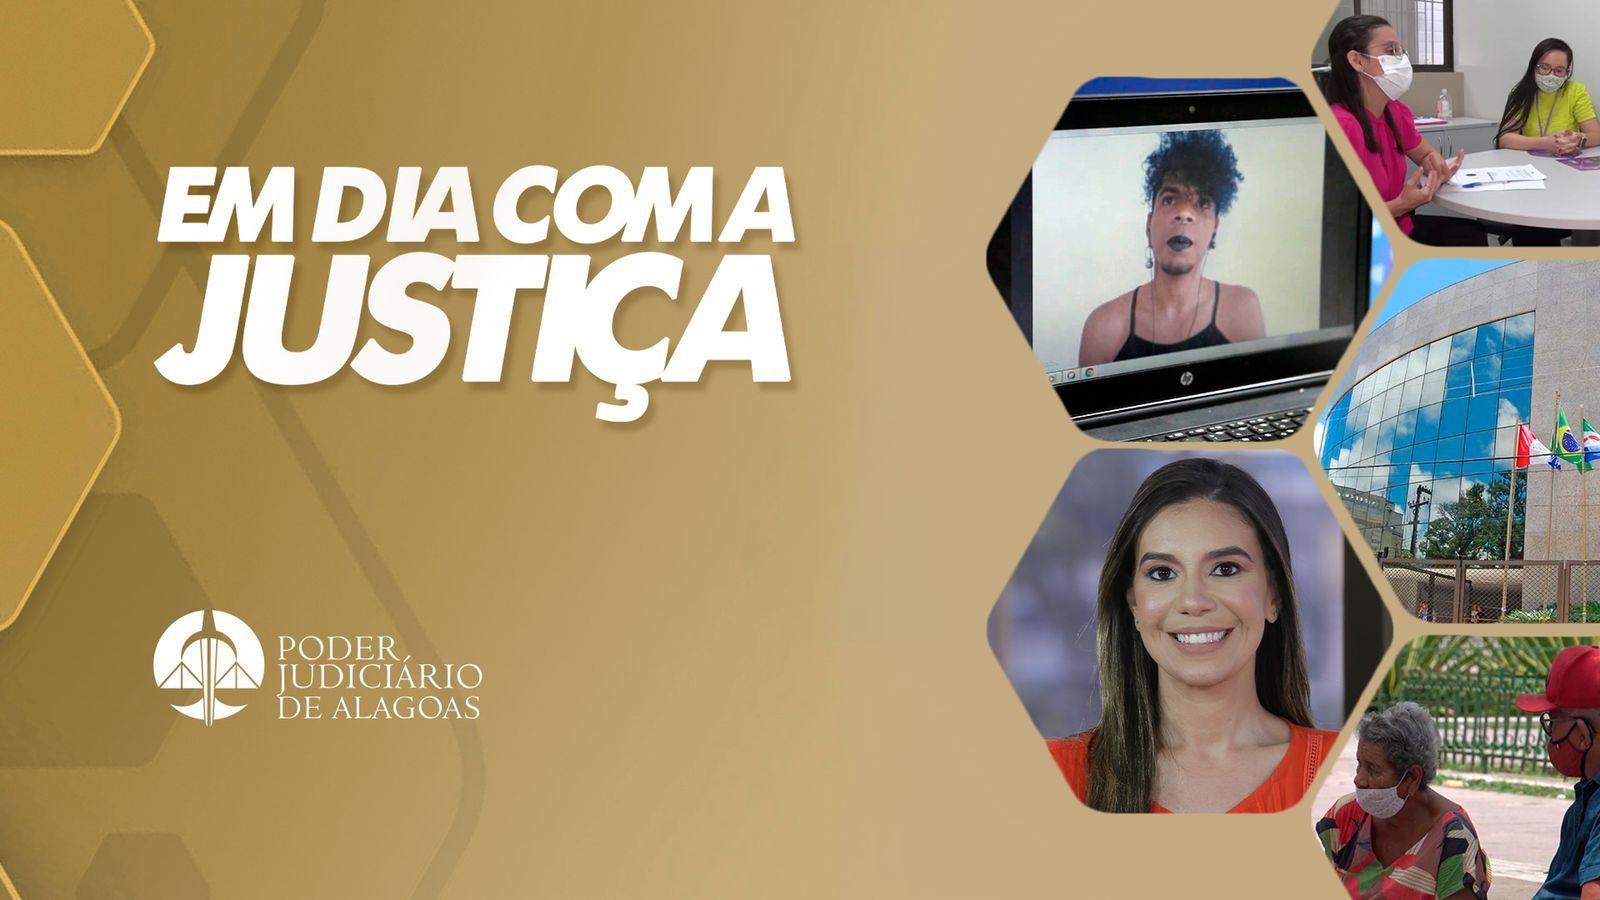 TV Tribunal destaca decisão que reconheceu primeira pessoa não binária de Alagoas